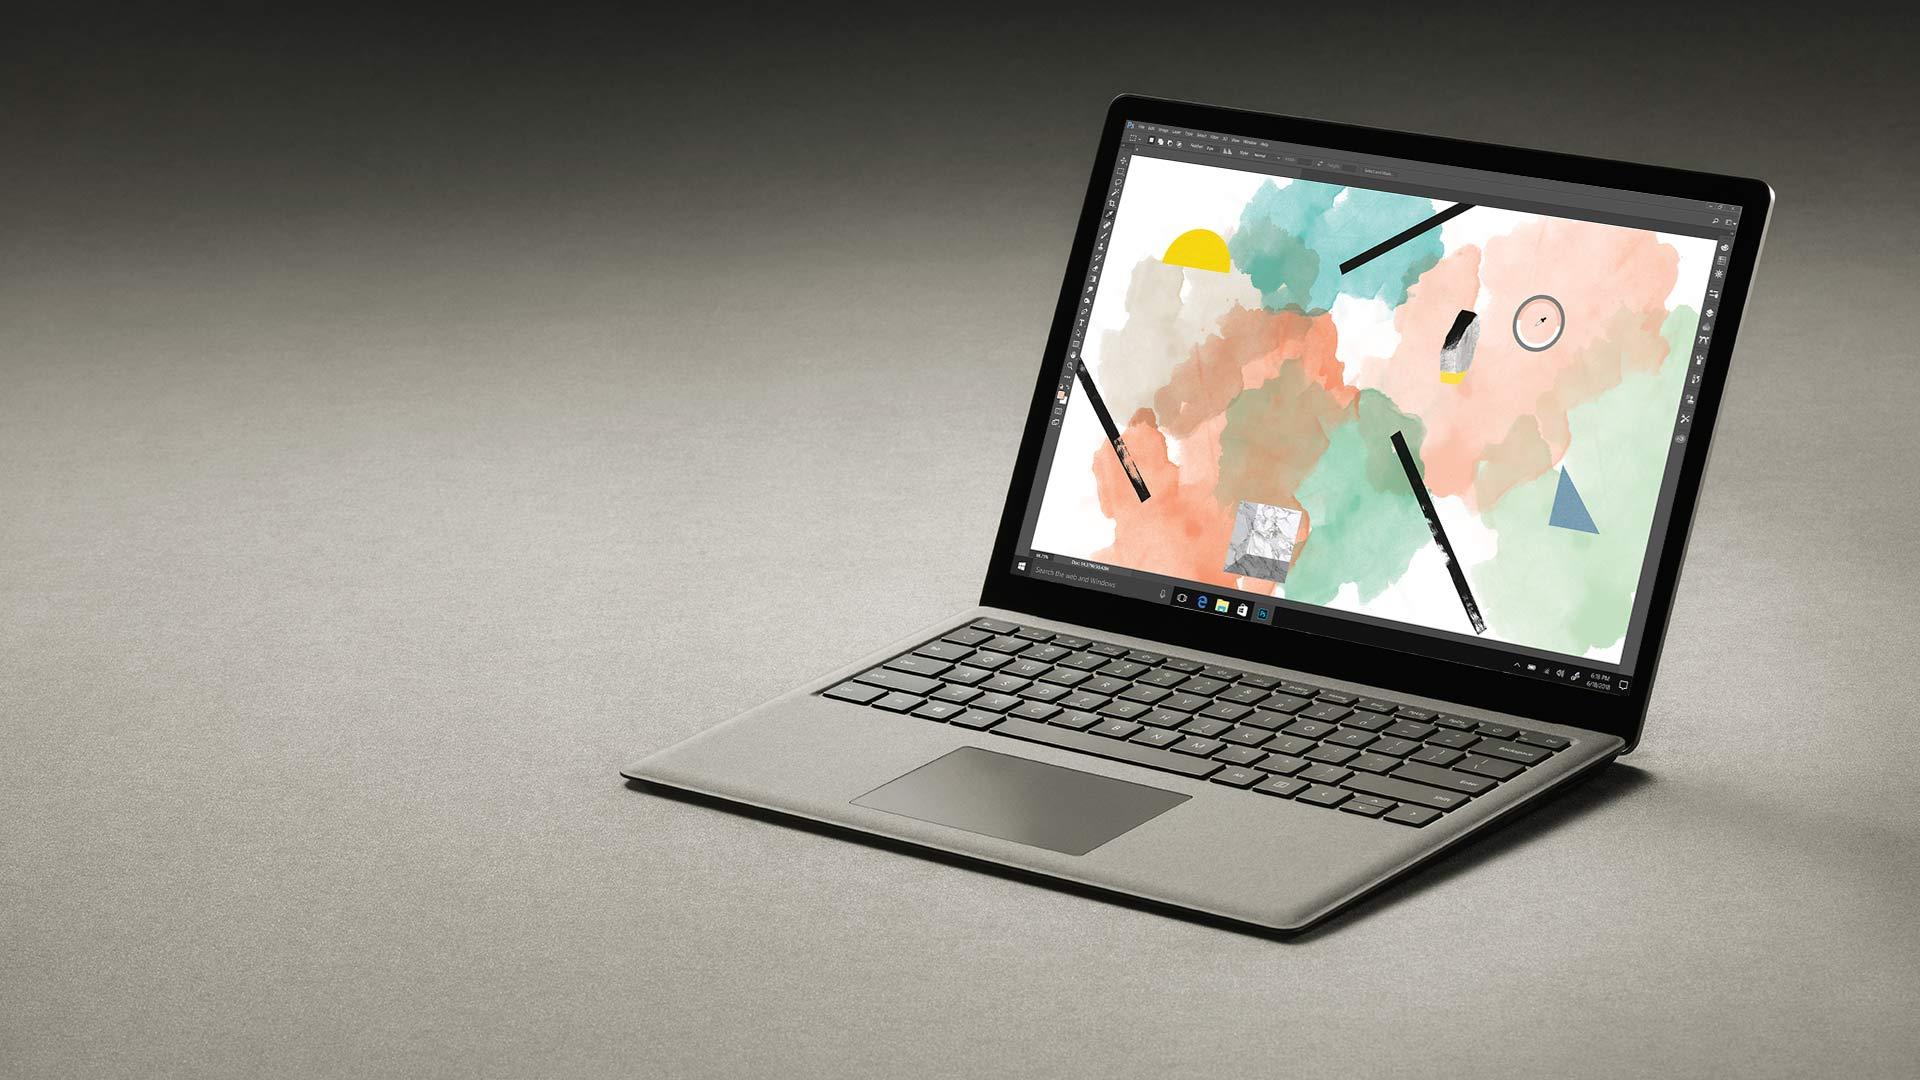 Kullanvärinen Surface Laptop, jonka näytössä on Adobe Photoshop.